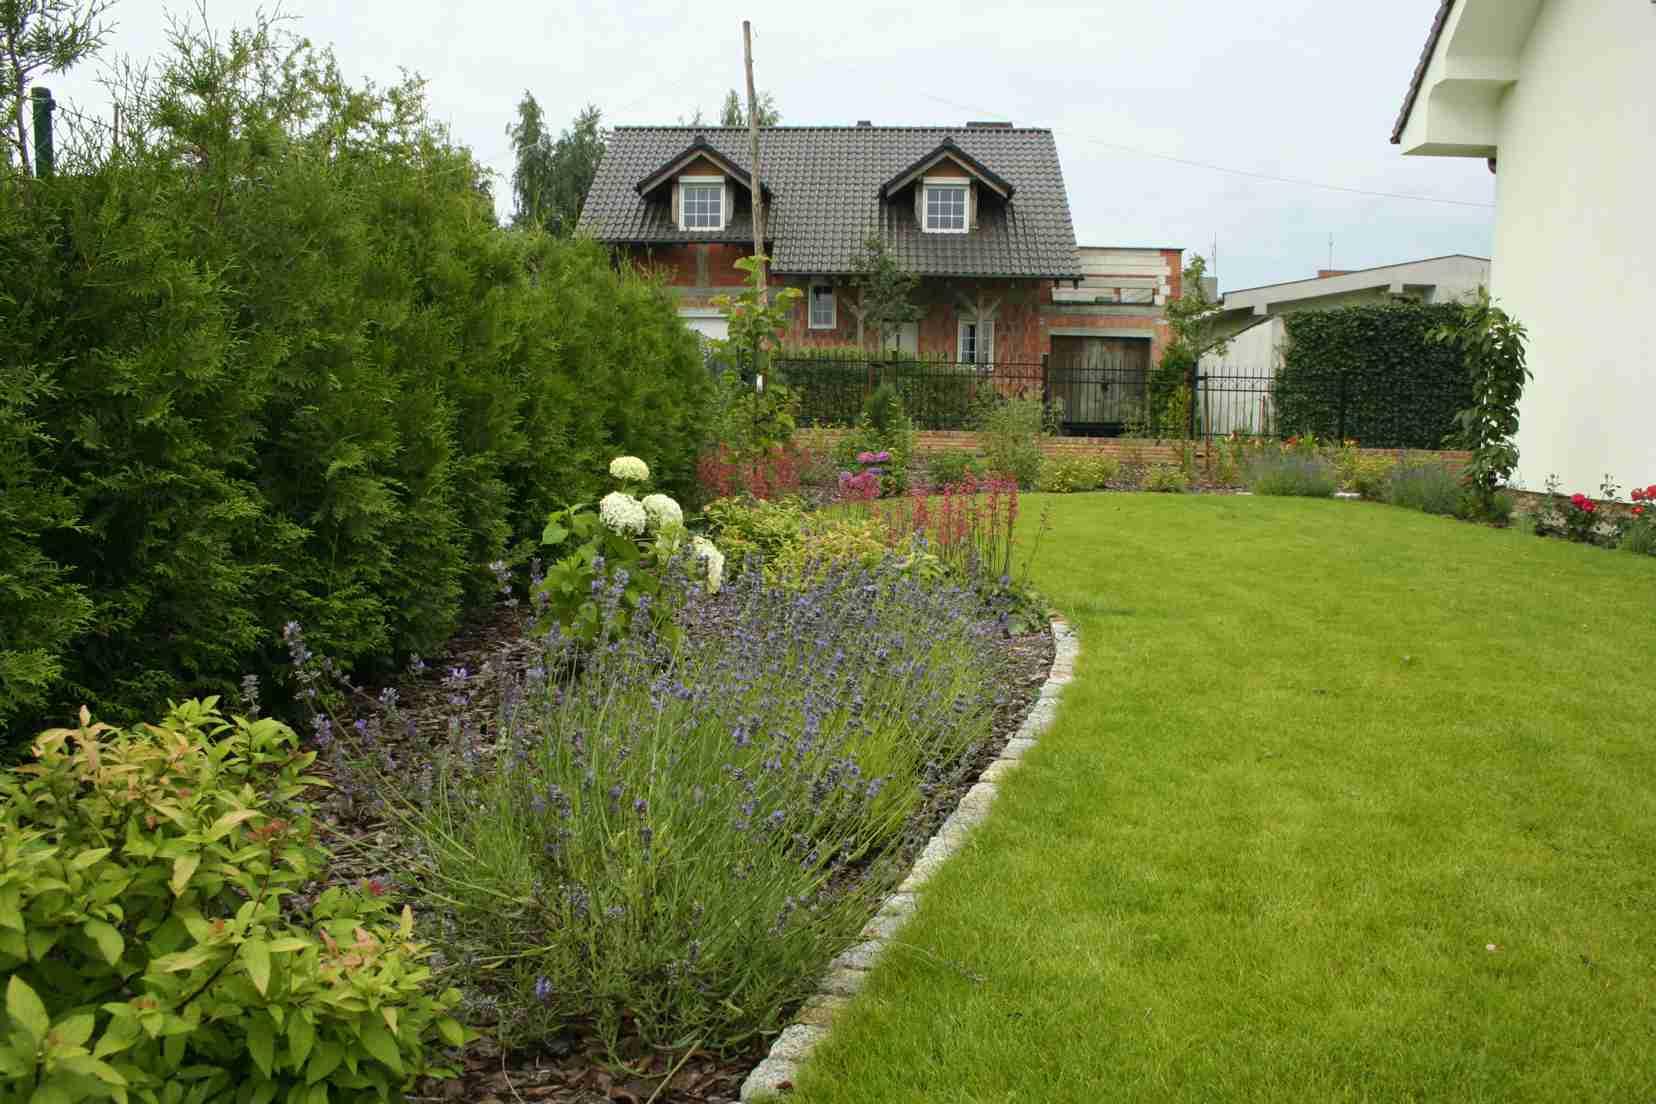 Ogród przydomowy, rabata z lawendami